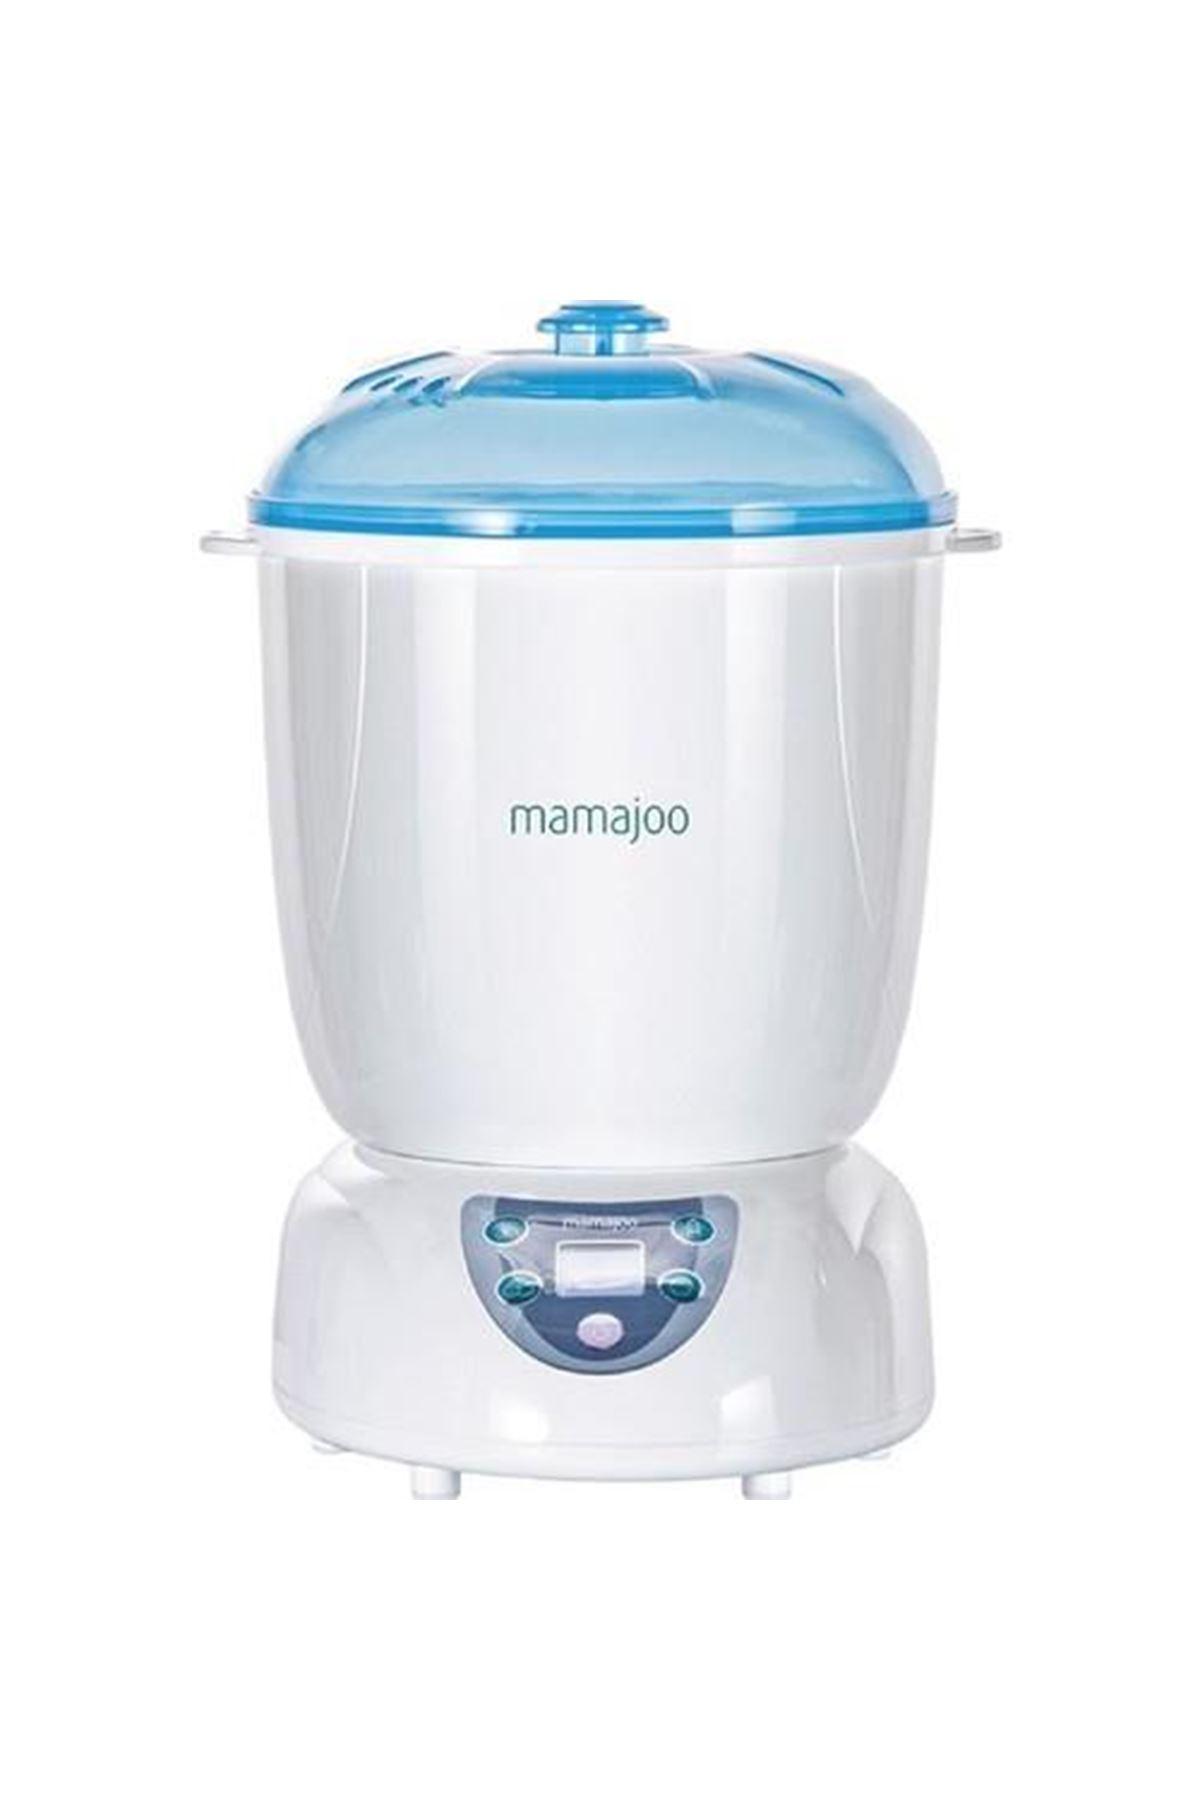 Mamajoo 5 İşlevli Kurutuculu Buhar Sterilizatörü